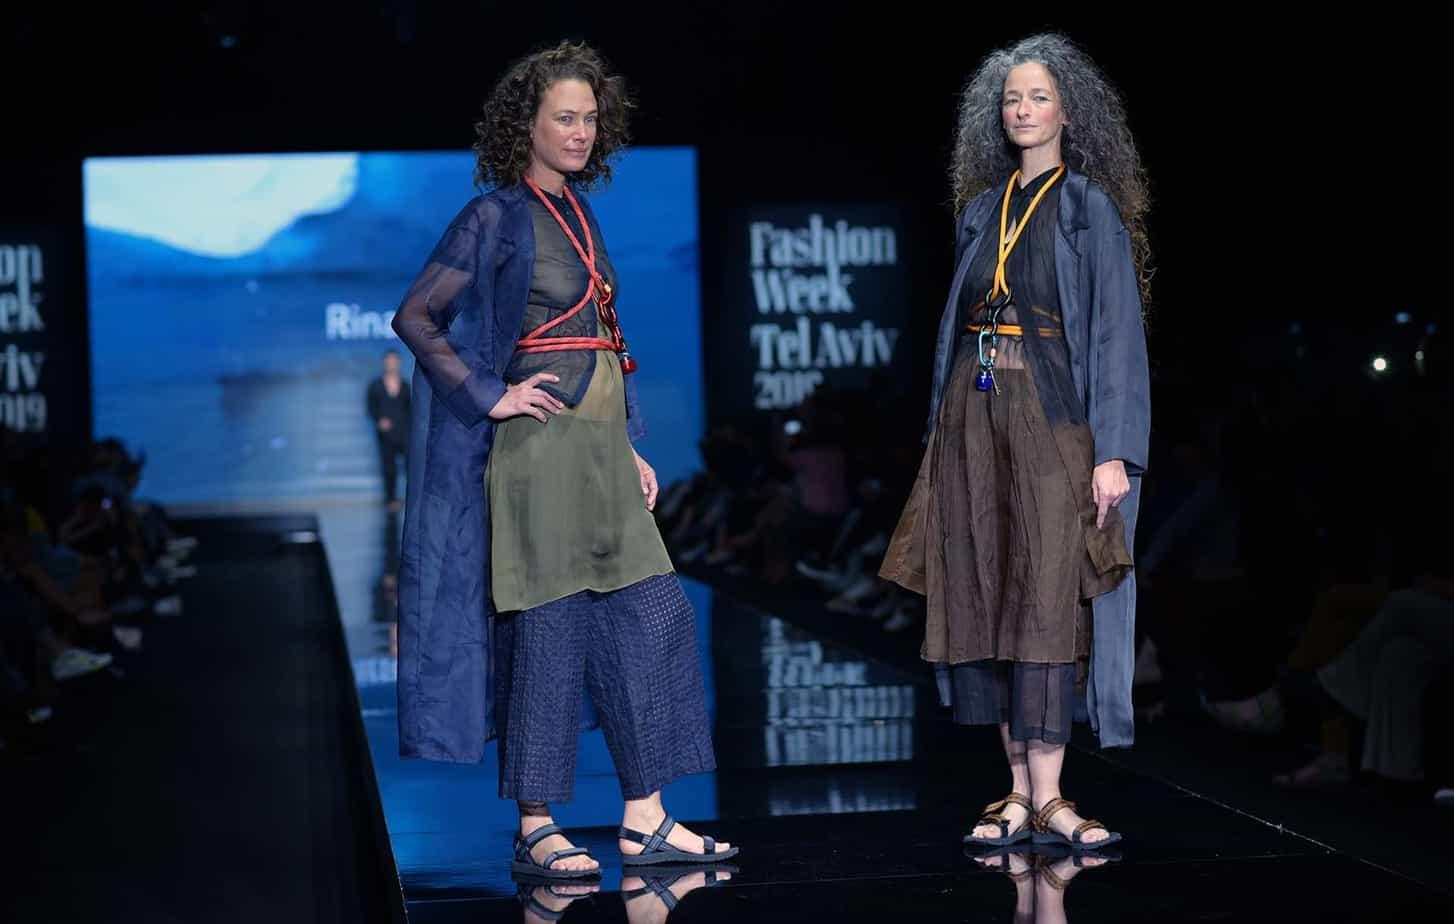 שורש. שבוע האופנה תל אביב 2019, צילום סרגו סטרודובצב - 14